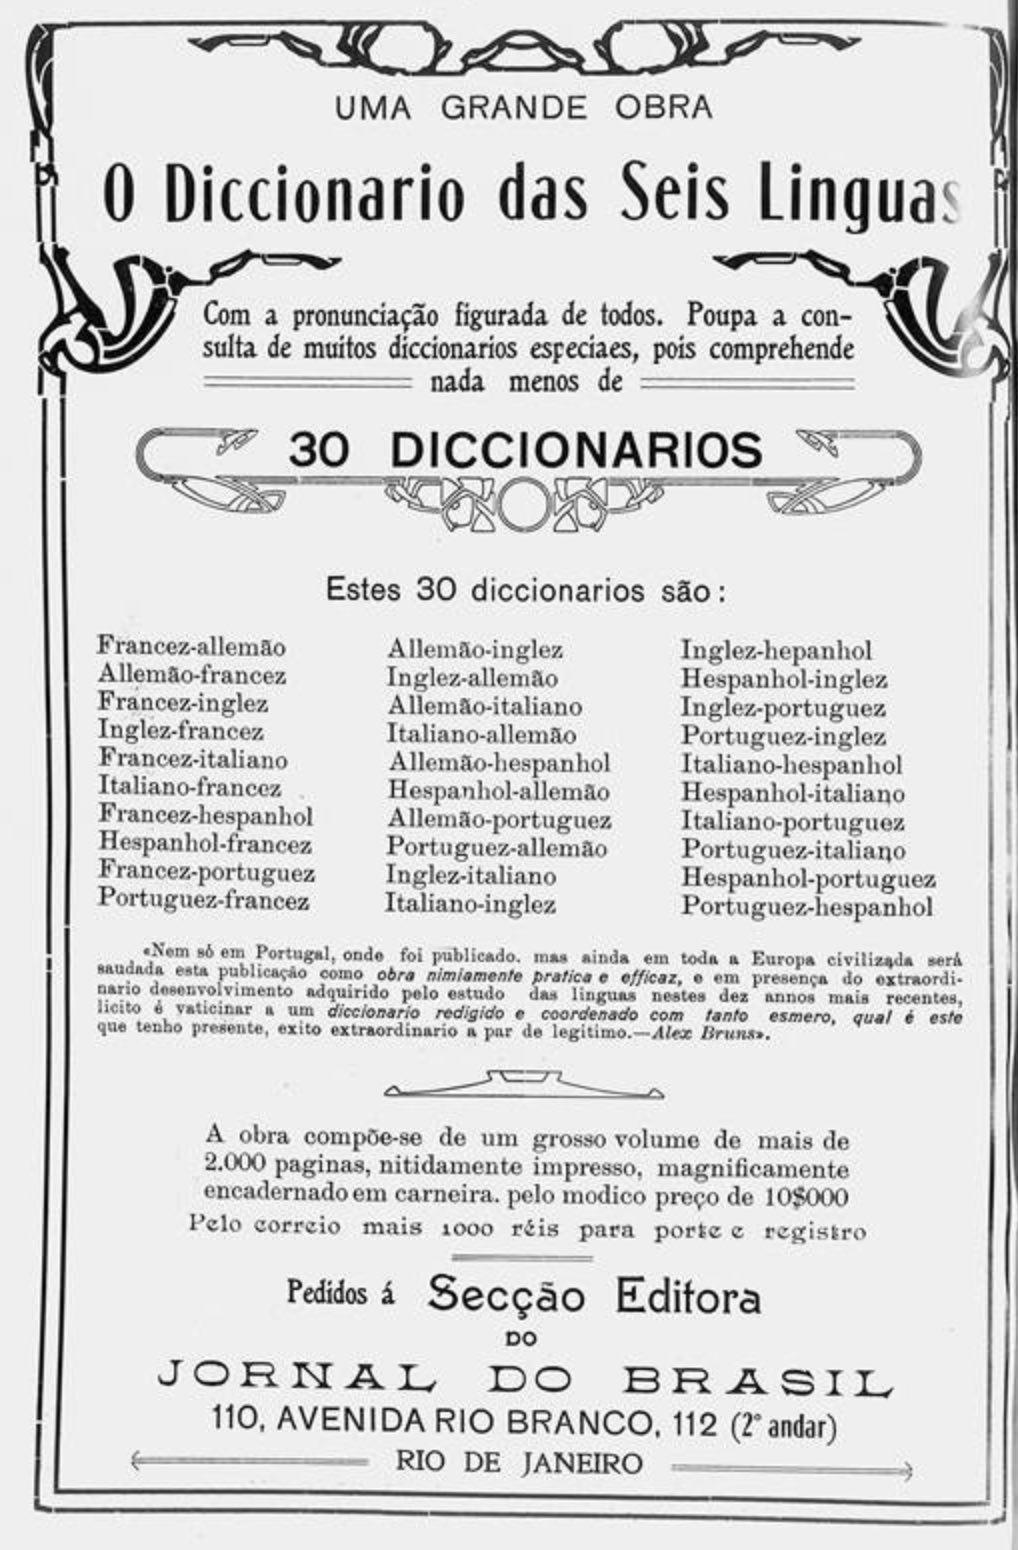 Anúncio de 1914 promovendo um dicionário com traduções para vários idiomas